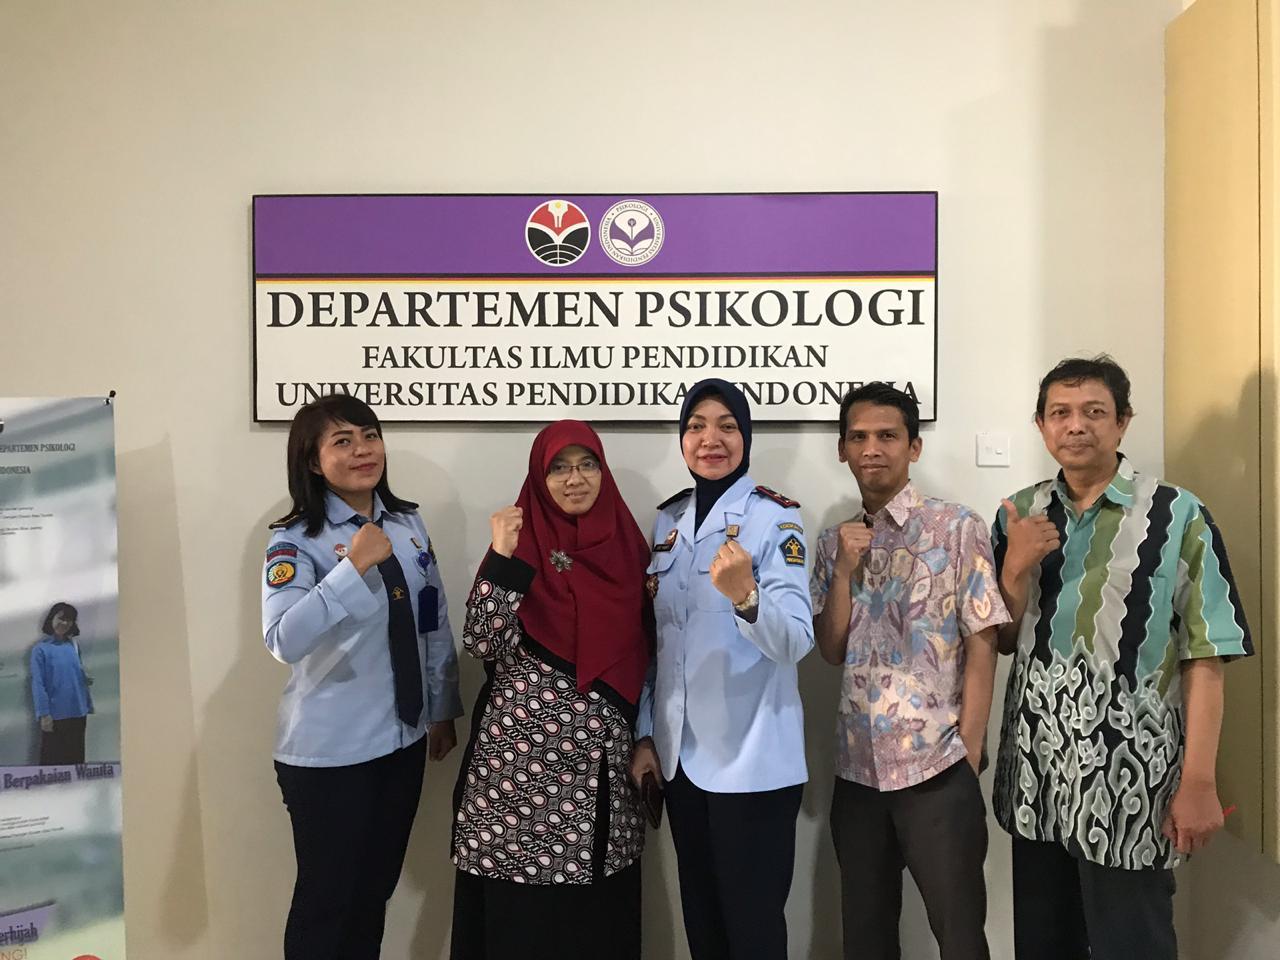 Kunjungan Kepala LPKA Bandung ke Departemen Psikologi UPI & Fakultas Ilmu Pendidikan UPI